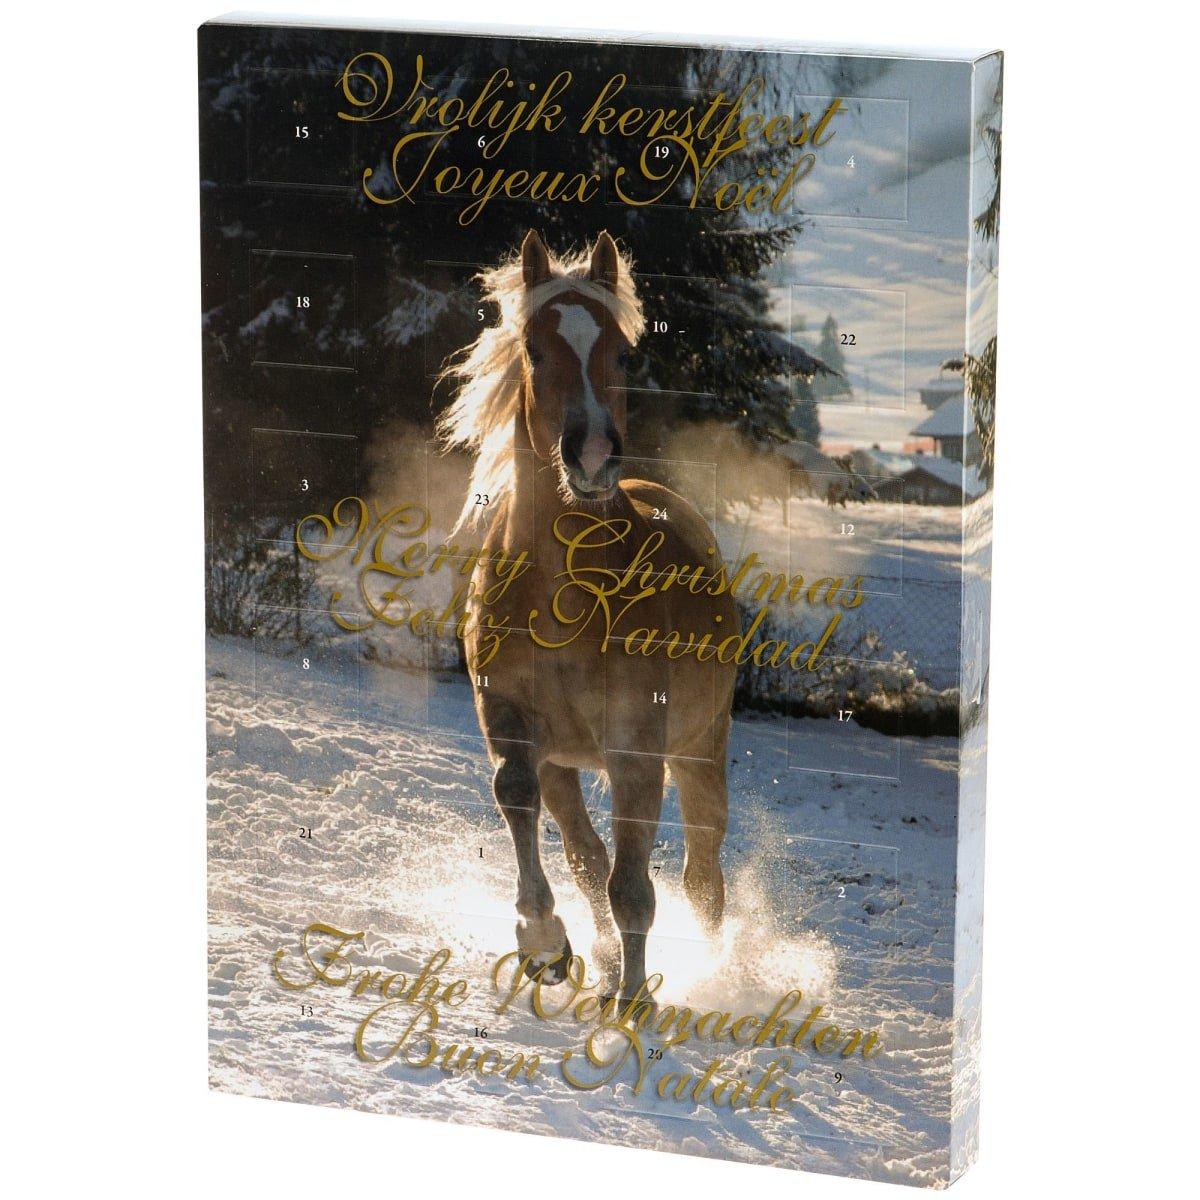 Adventskalender Schmuck mit Pferde-Motiv - fü r Kinder, Mä dchen, Teenies - mit Armbä ndern, Kette, Collier, Charms & Beads Pureday